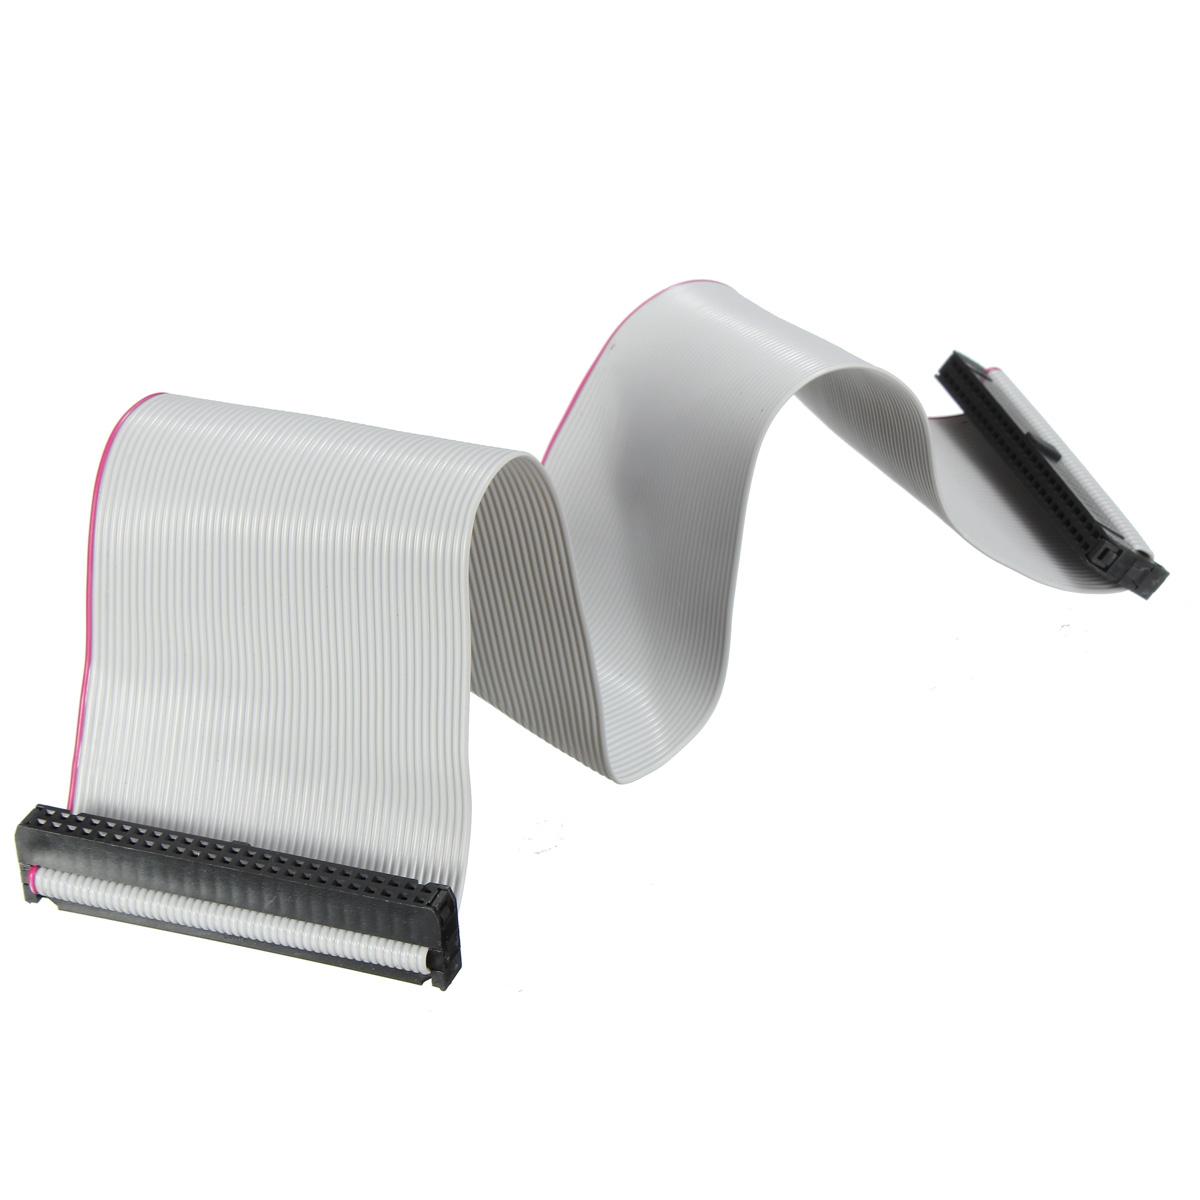 20 Pin Flat Ribbon Cable : Pin flat ribbon cable wire idc pitch